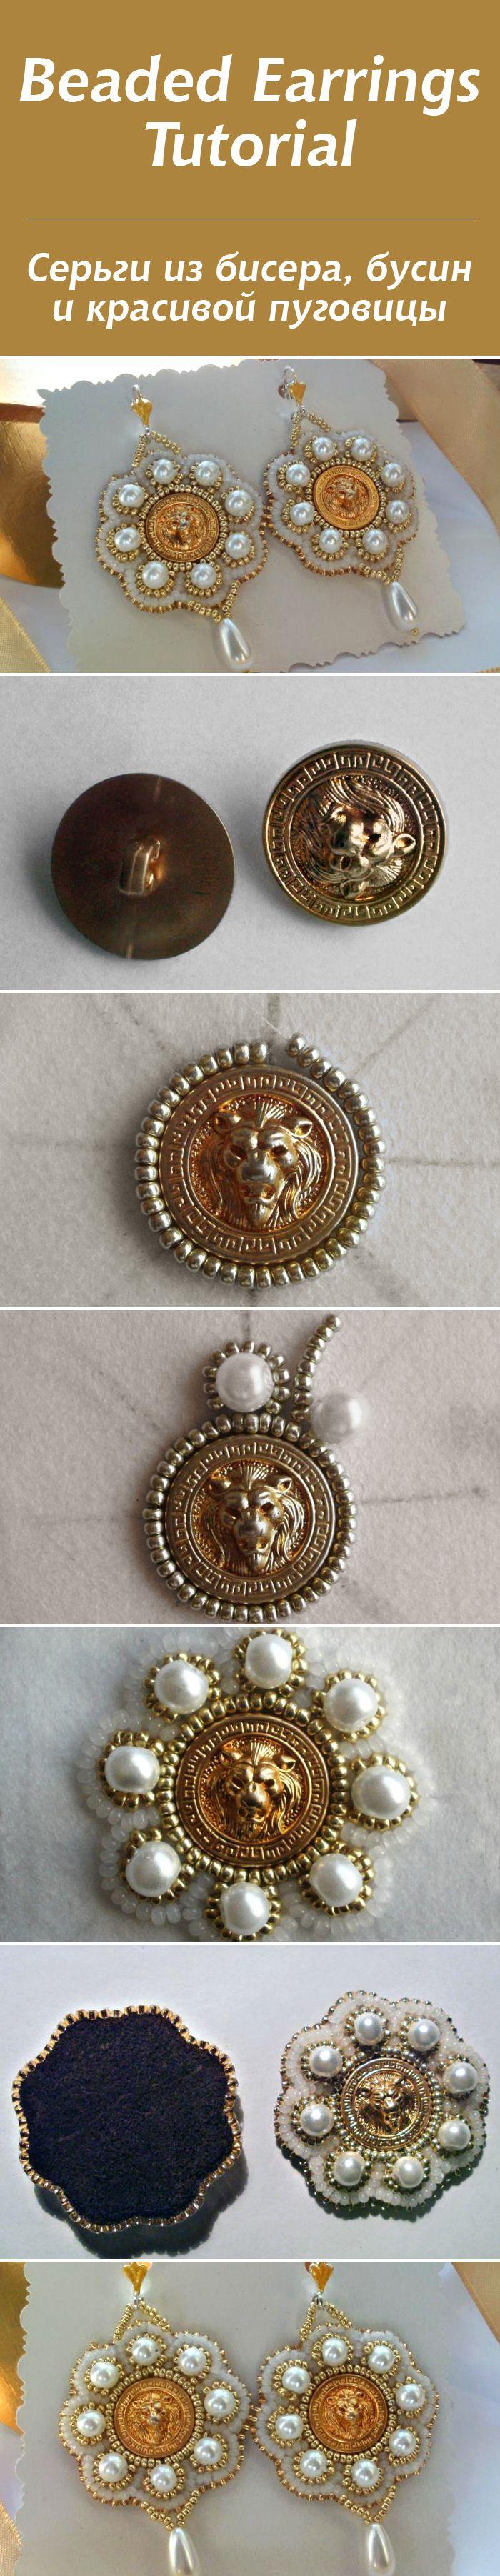 """Серьги """"Византийский лев"""" из бисера, бусин и красивой пуговицы"""